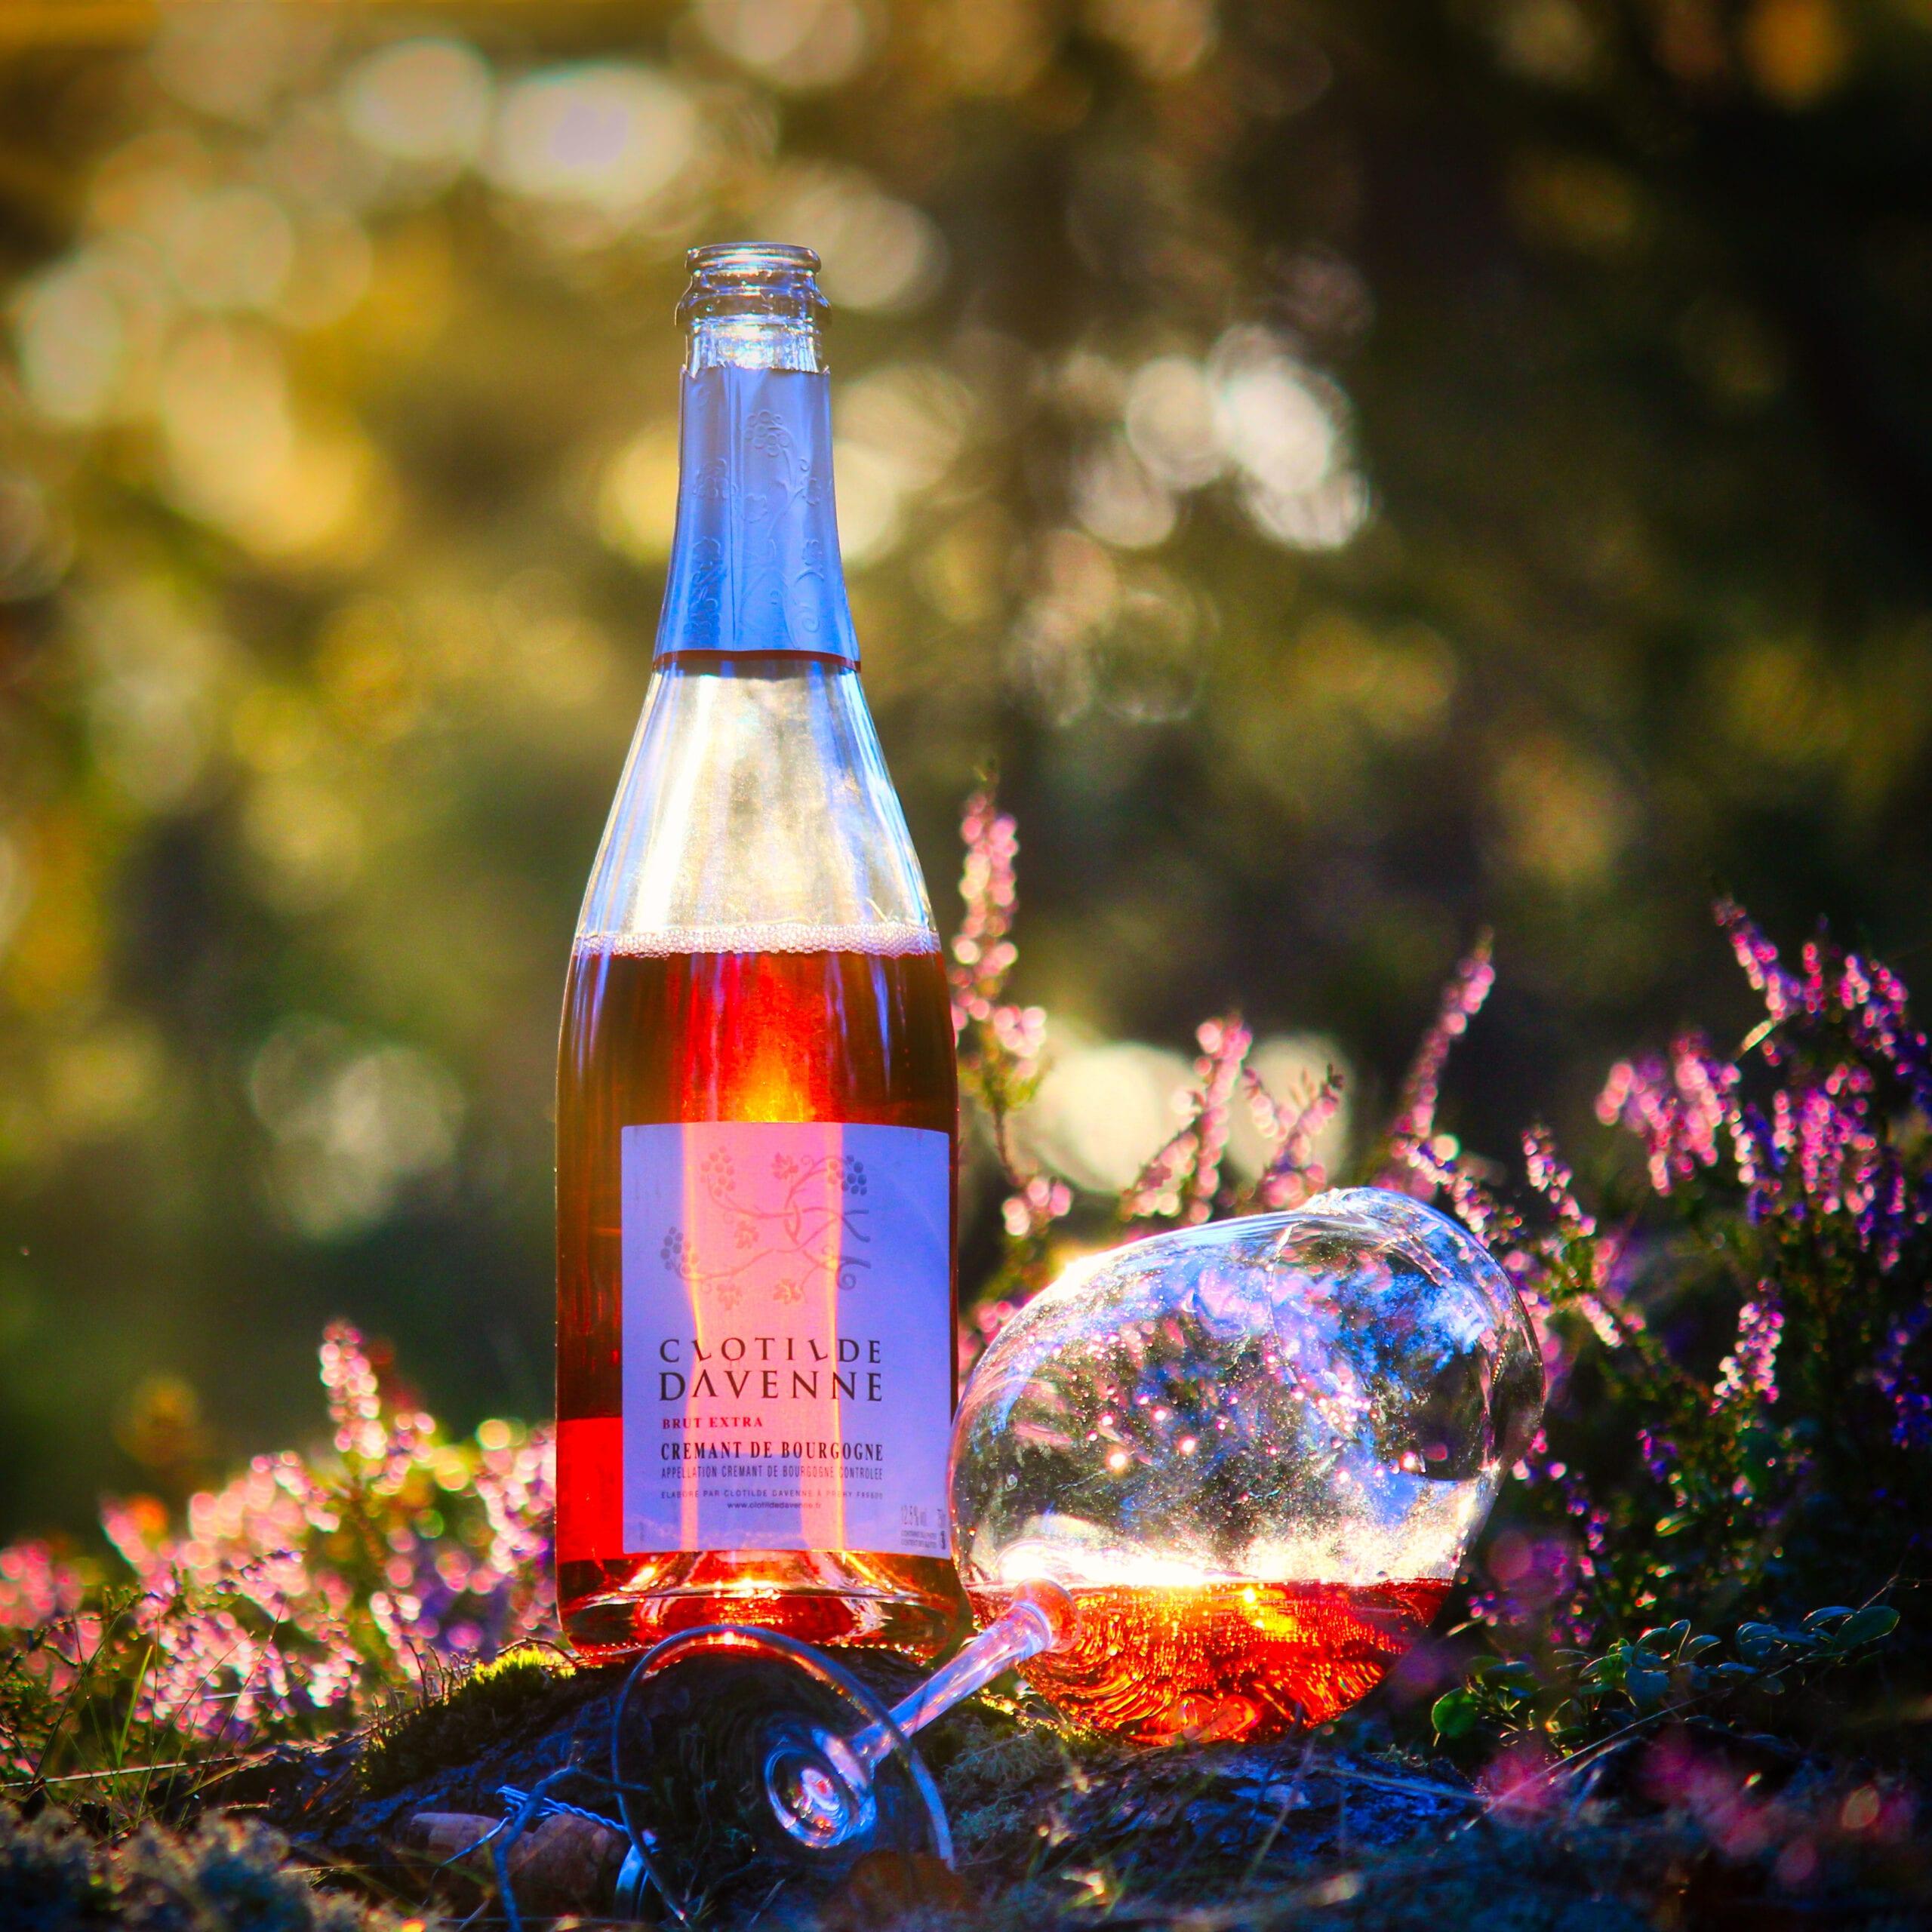 Clotilde Davenne Crémant de Bourgogne Rosé (provad 2020)